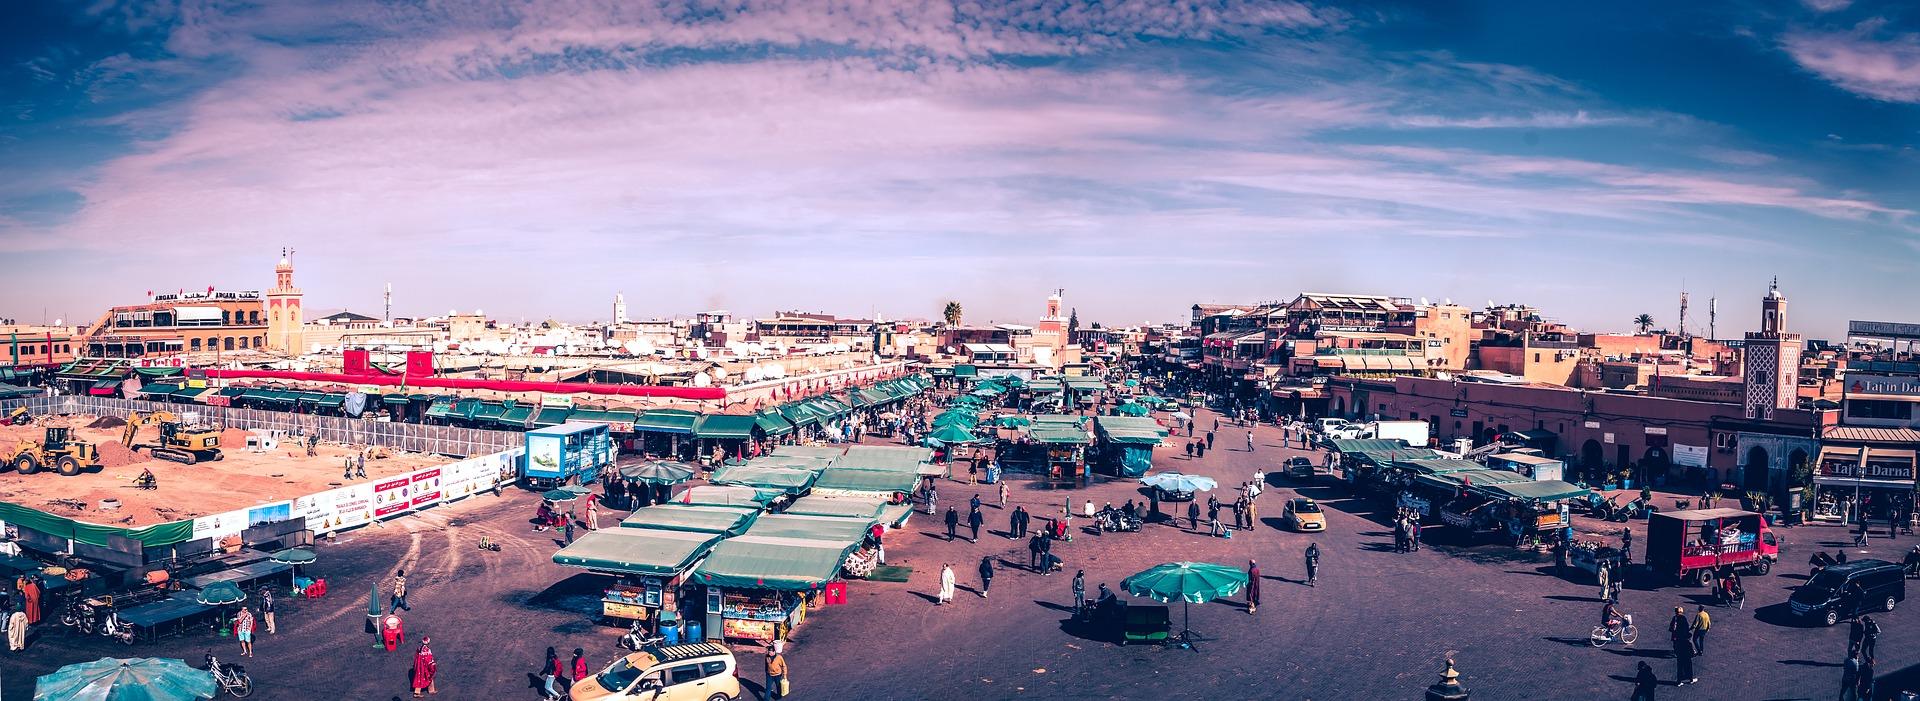 Marrakech Medina in Morocco.